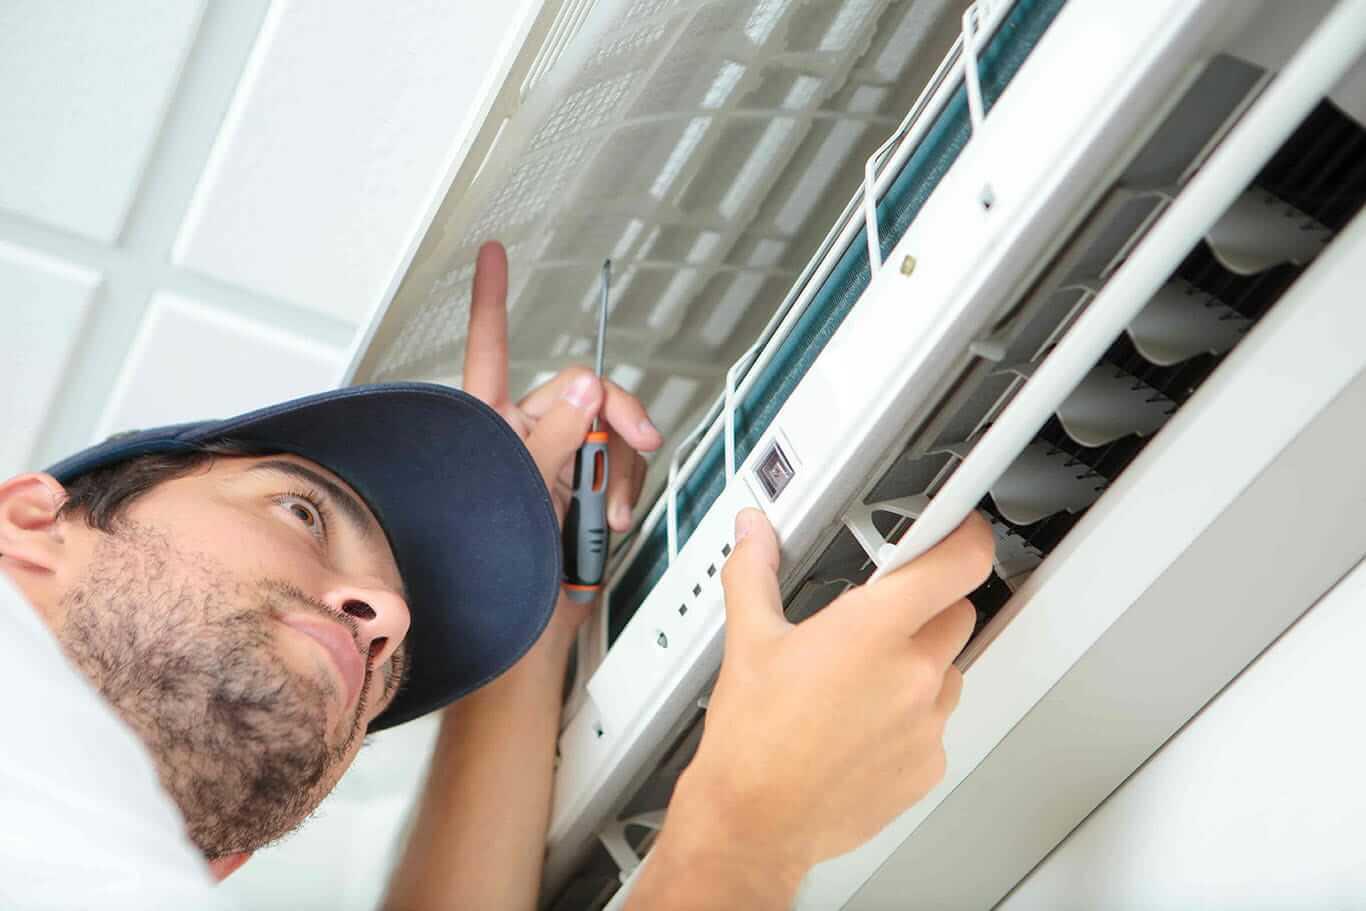 sửa máy lạnh tận nhà giá rẻ